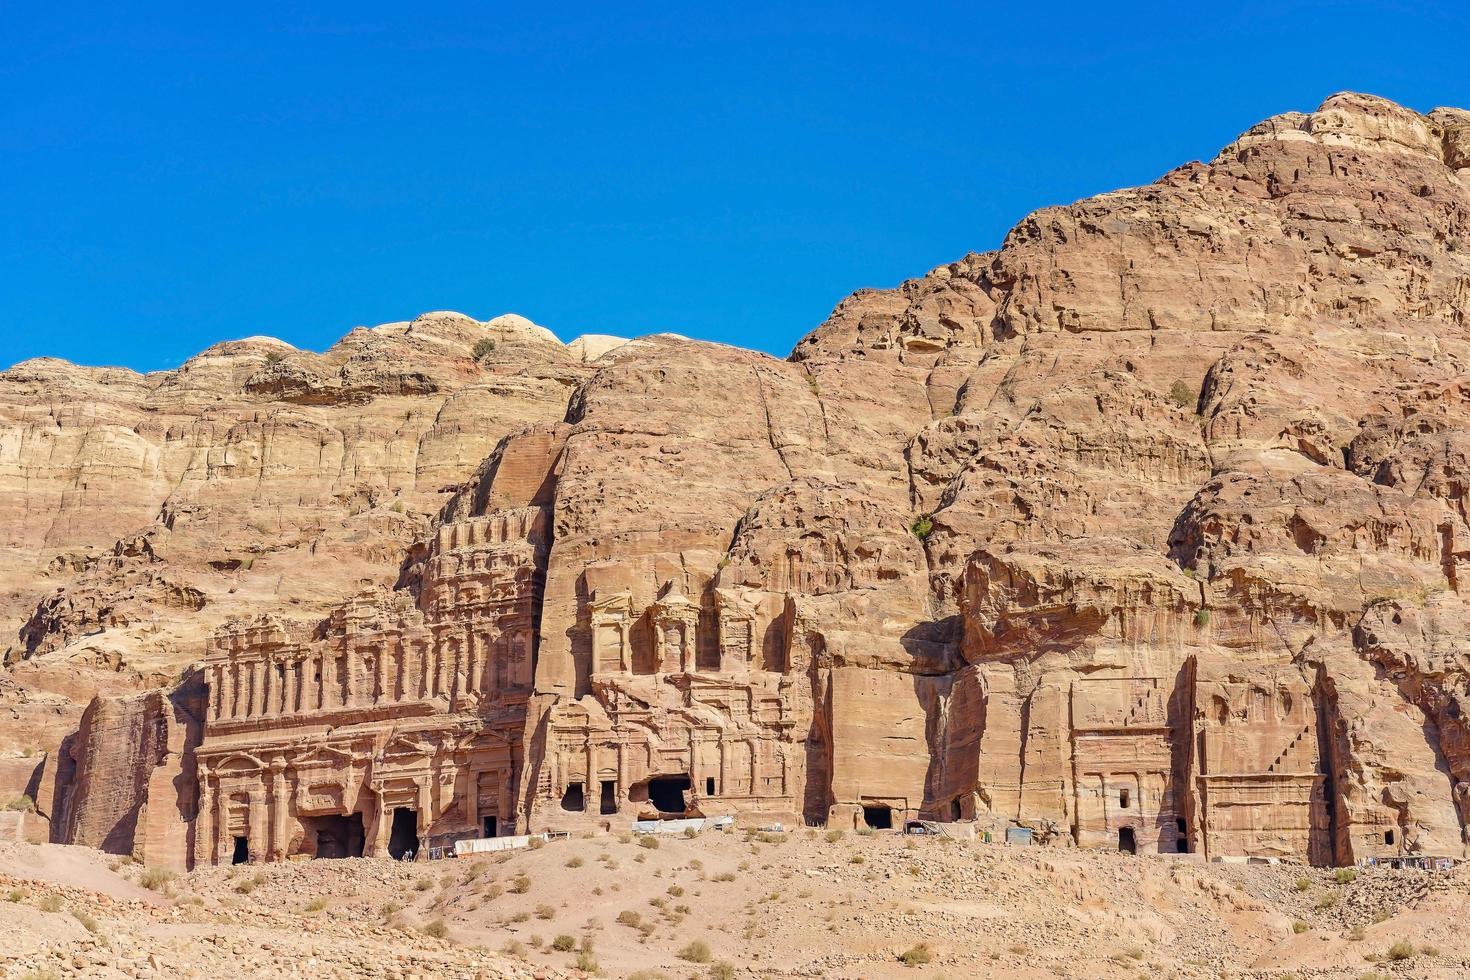 una vista dalle tombe reali di petra, in giordania. foto